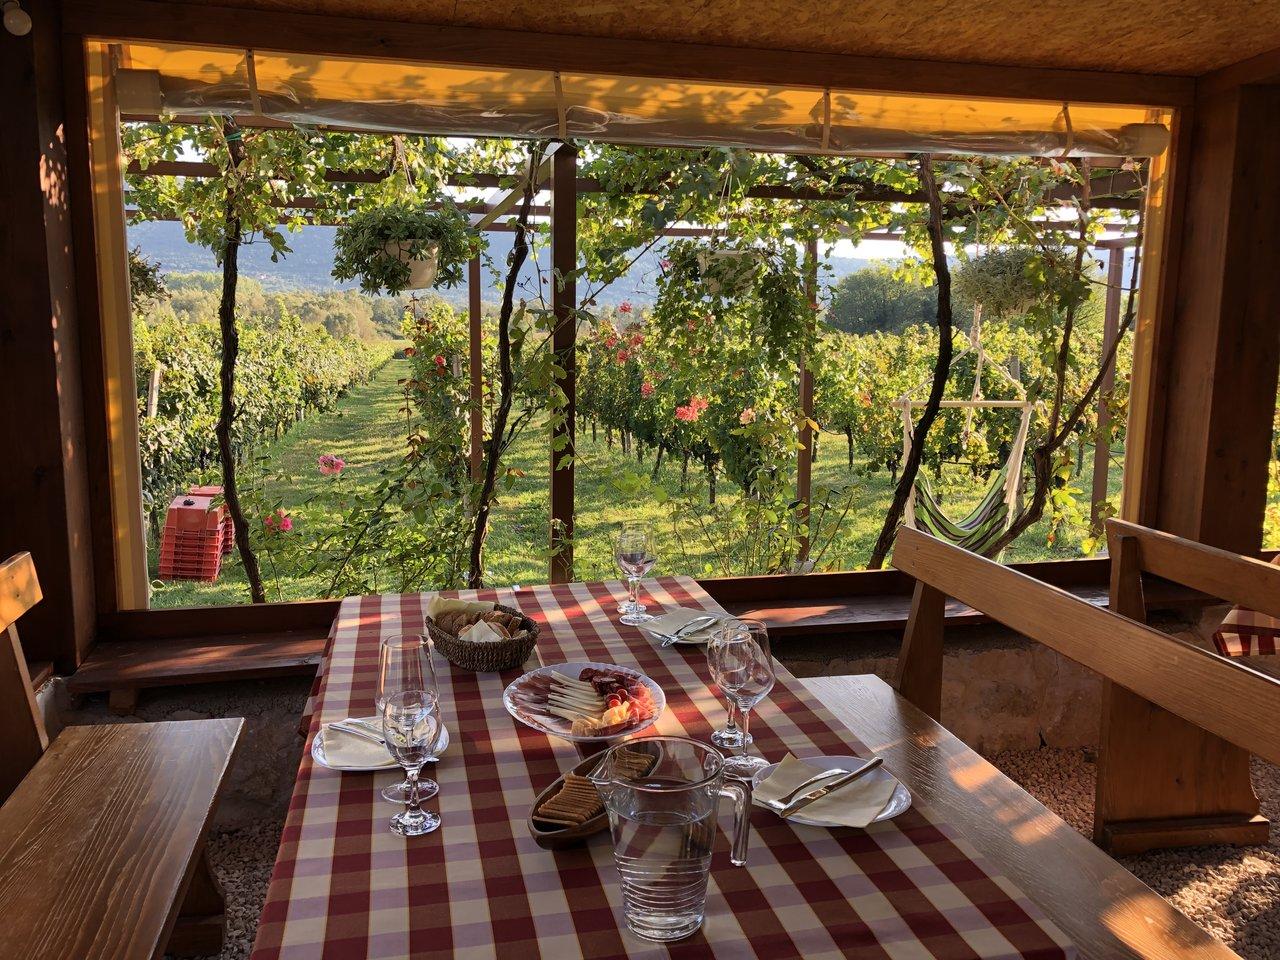 Konavle wine region, Photo taken by Kay M